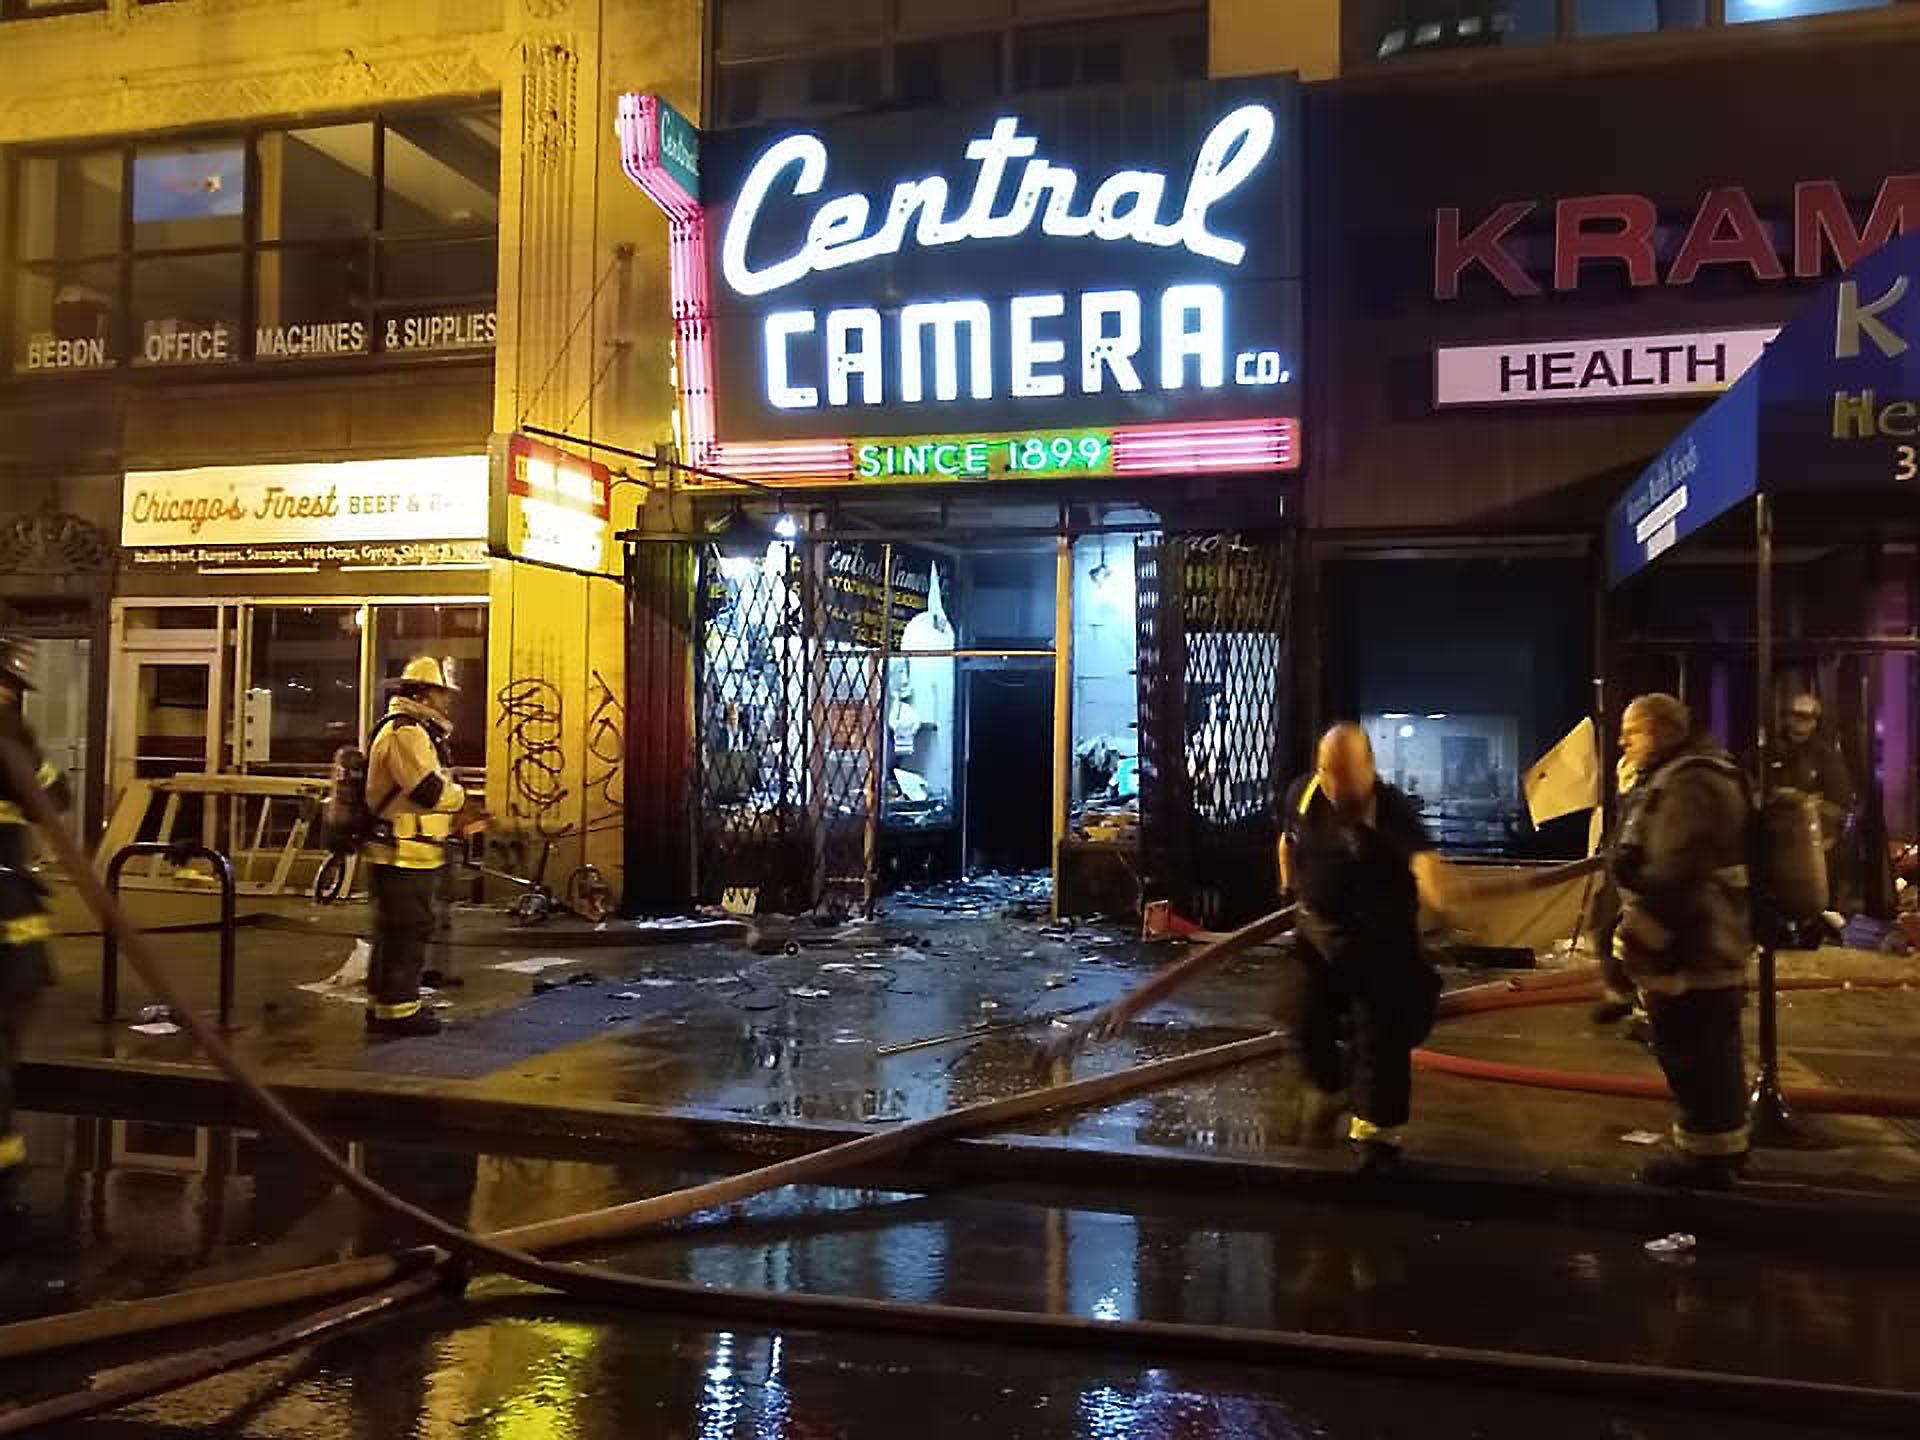 Central Camera Fire